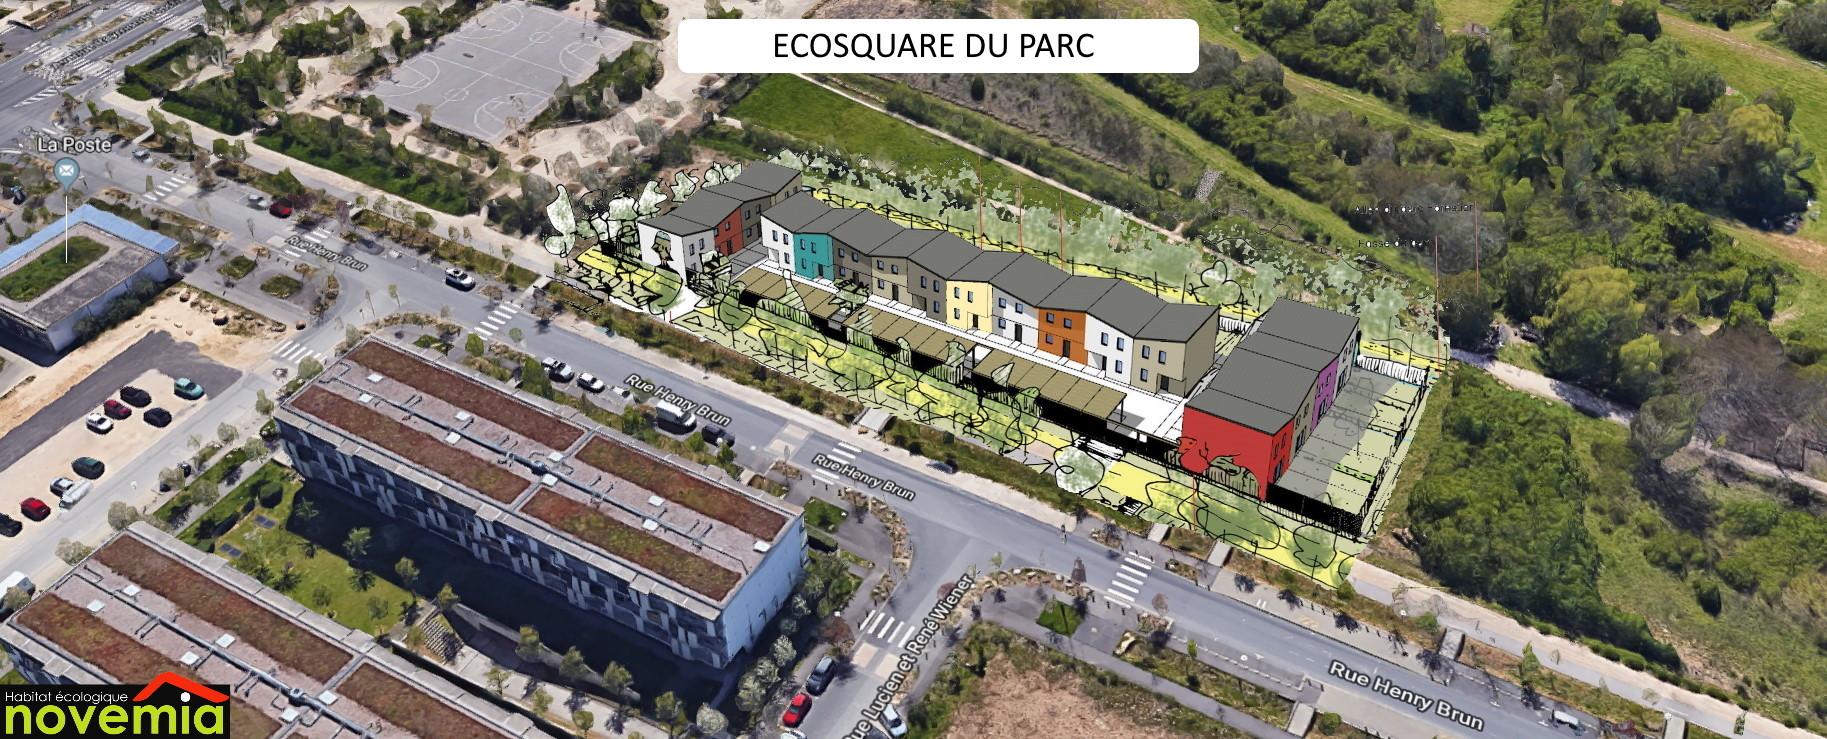 EcoSquare du parc